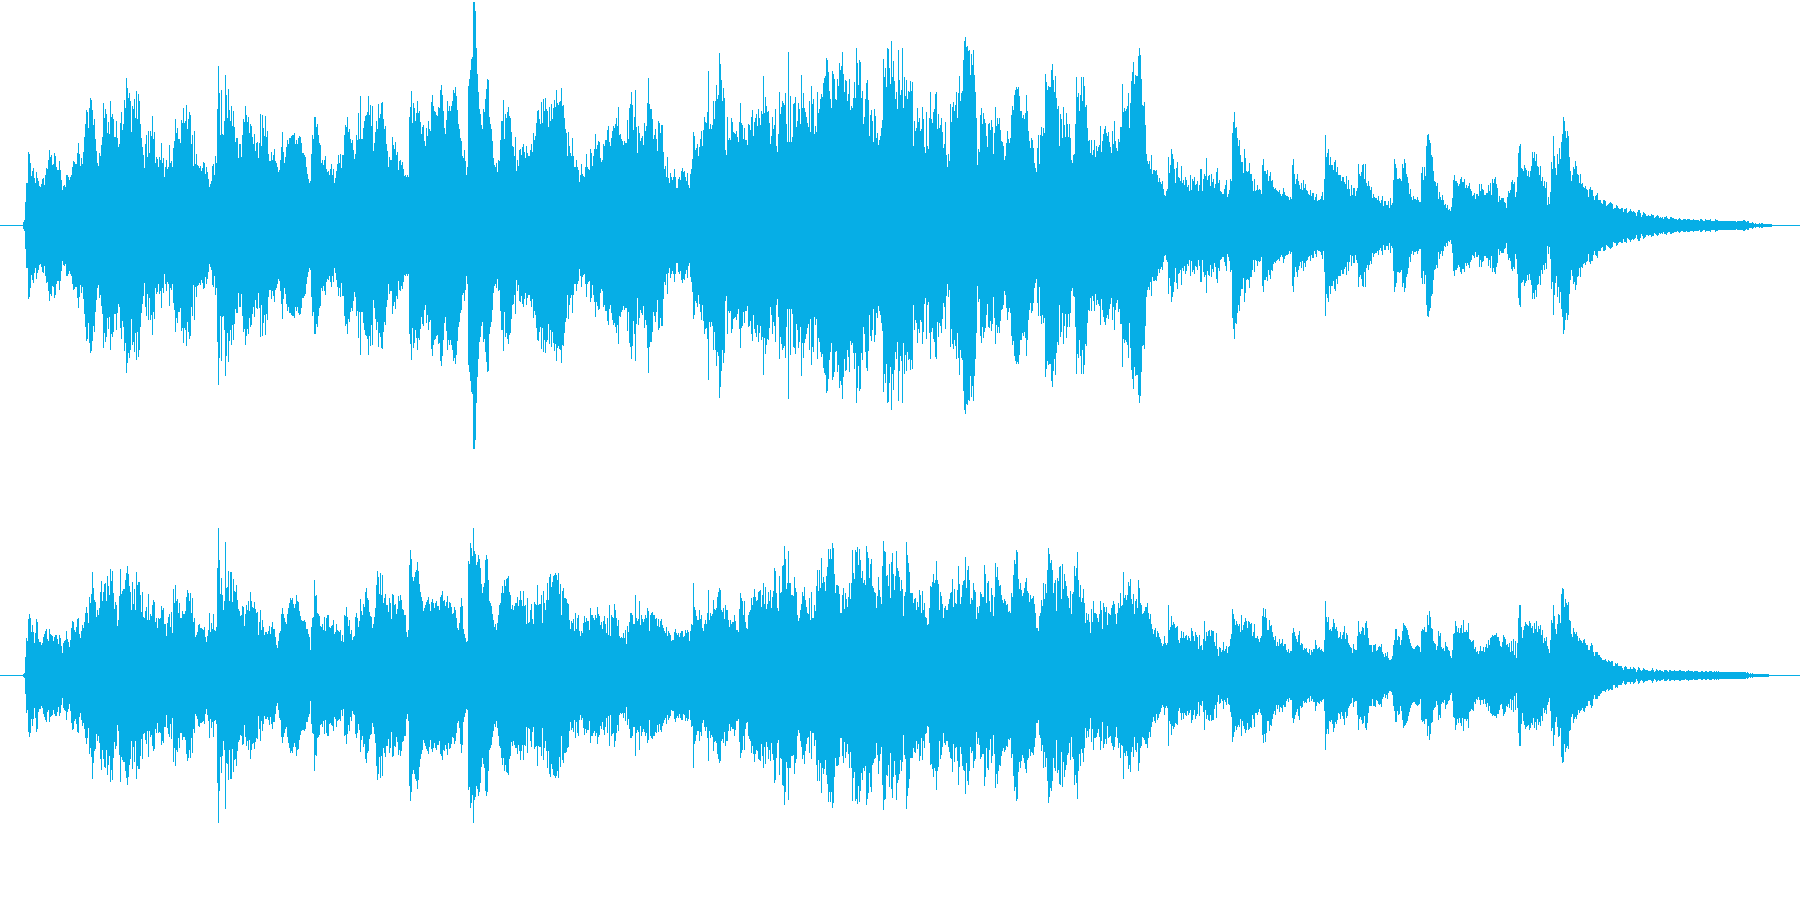 きらきらのオーケストラの再生済みの波形